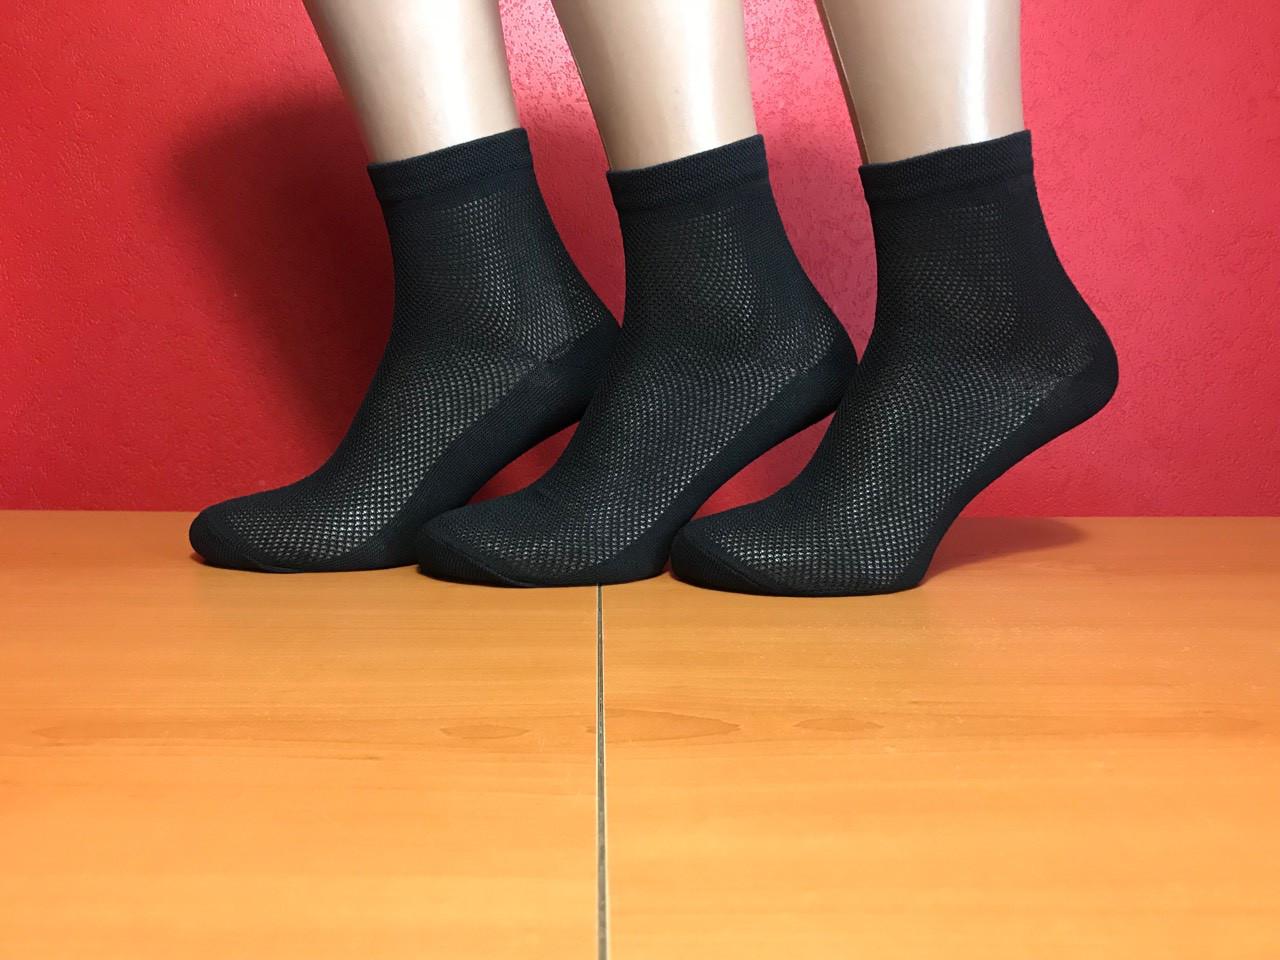 Носки мужские летние сетка хлопок + льон Житомир размер 29(44-46) чёрные